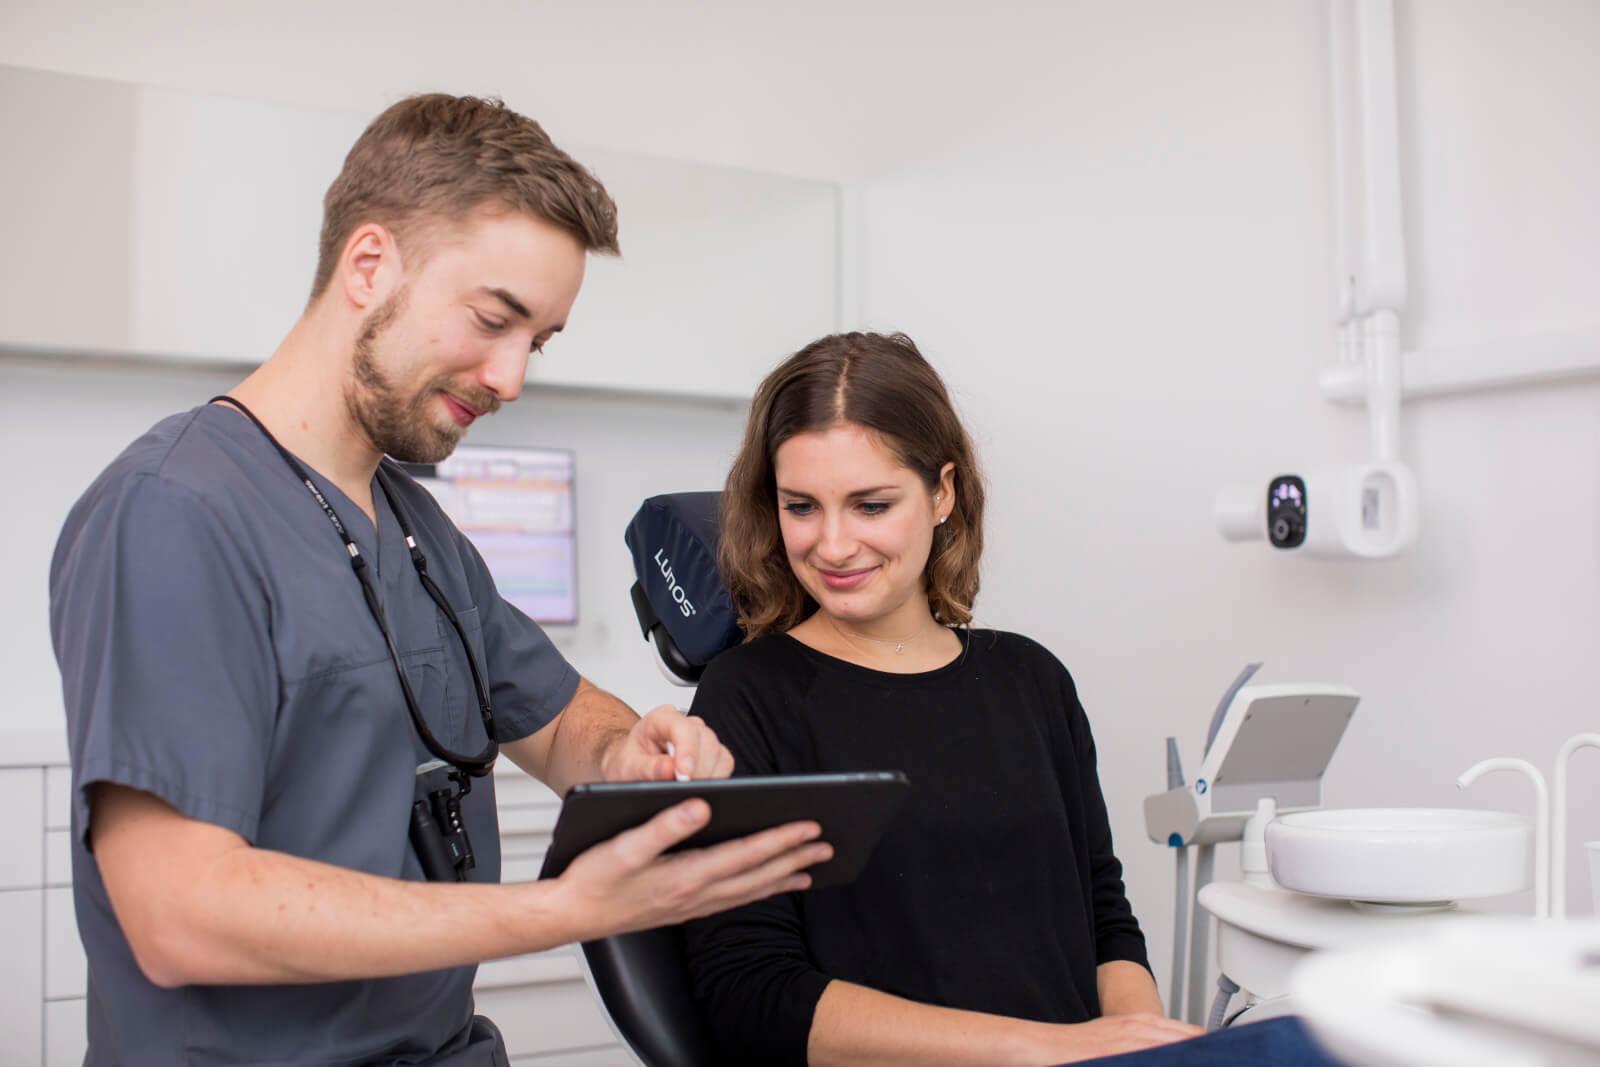 Unsere Leistungen bieten das gesamte Spektrum der modernen Zahnheilkunde